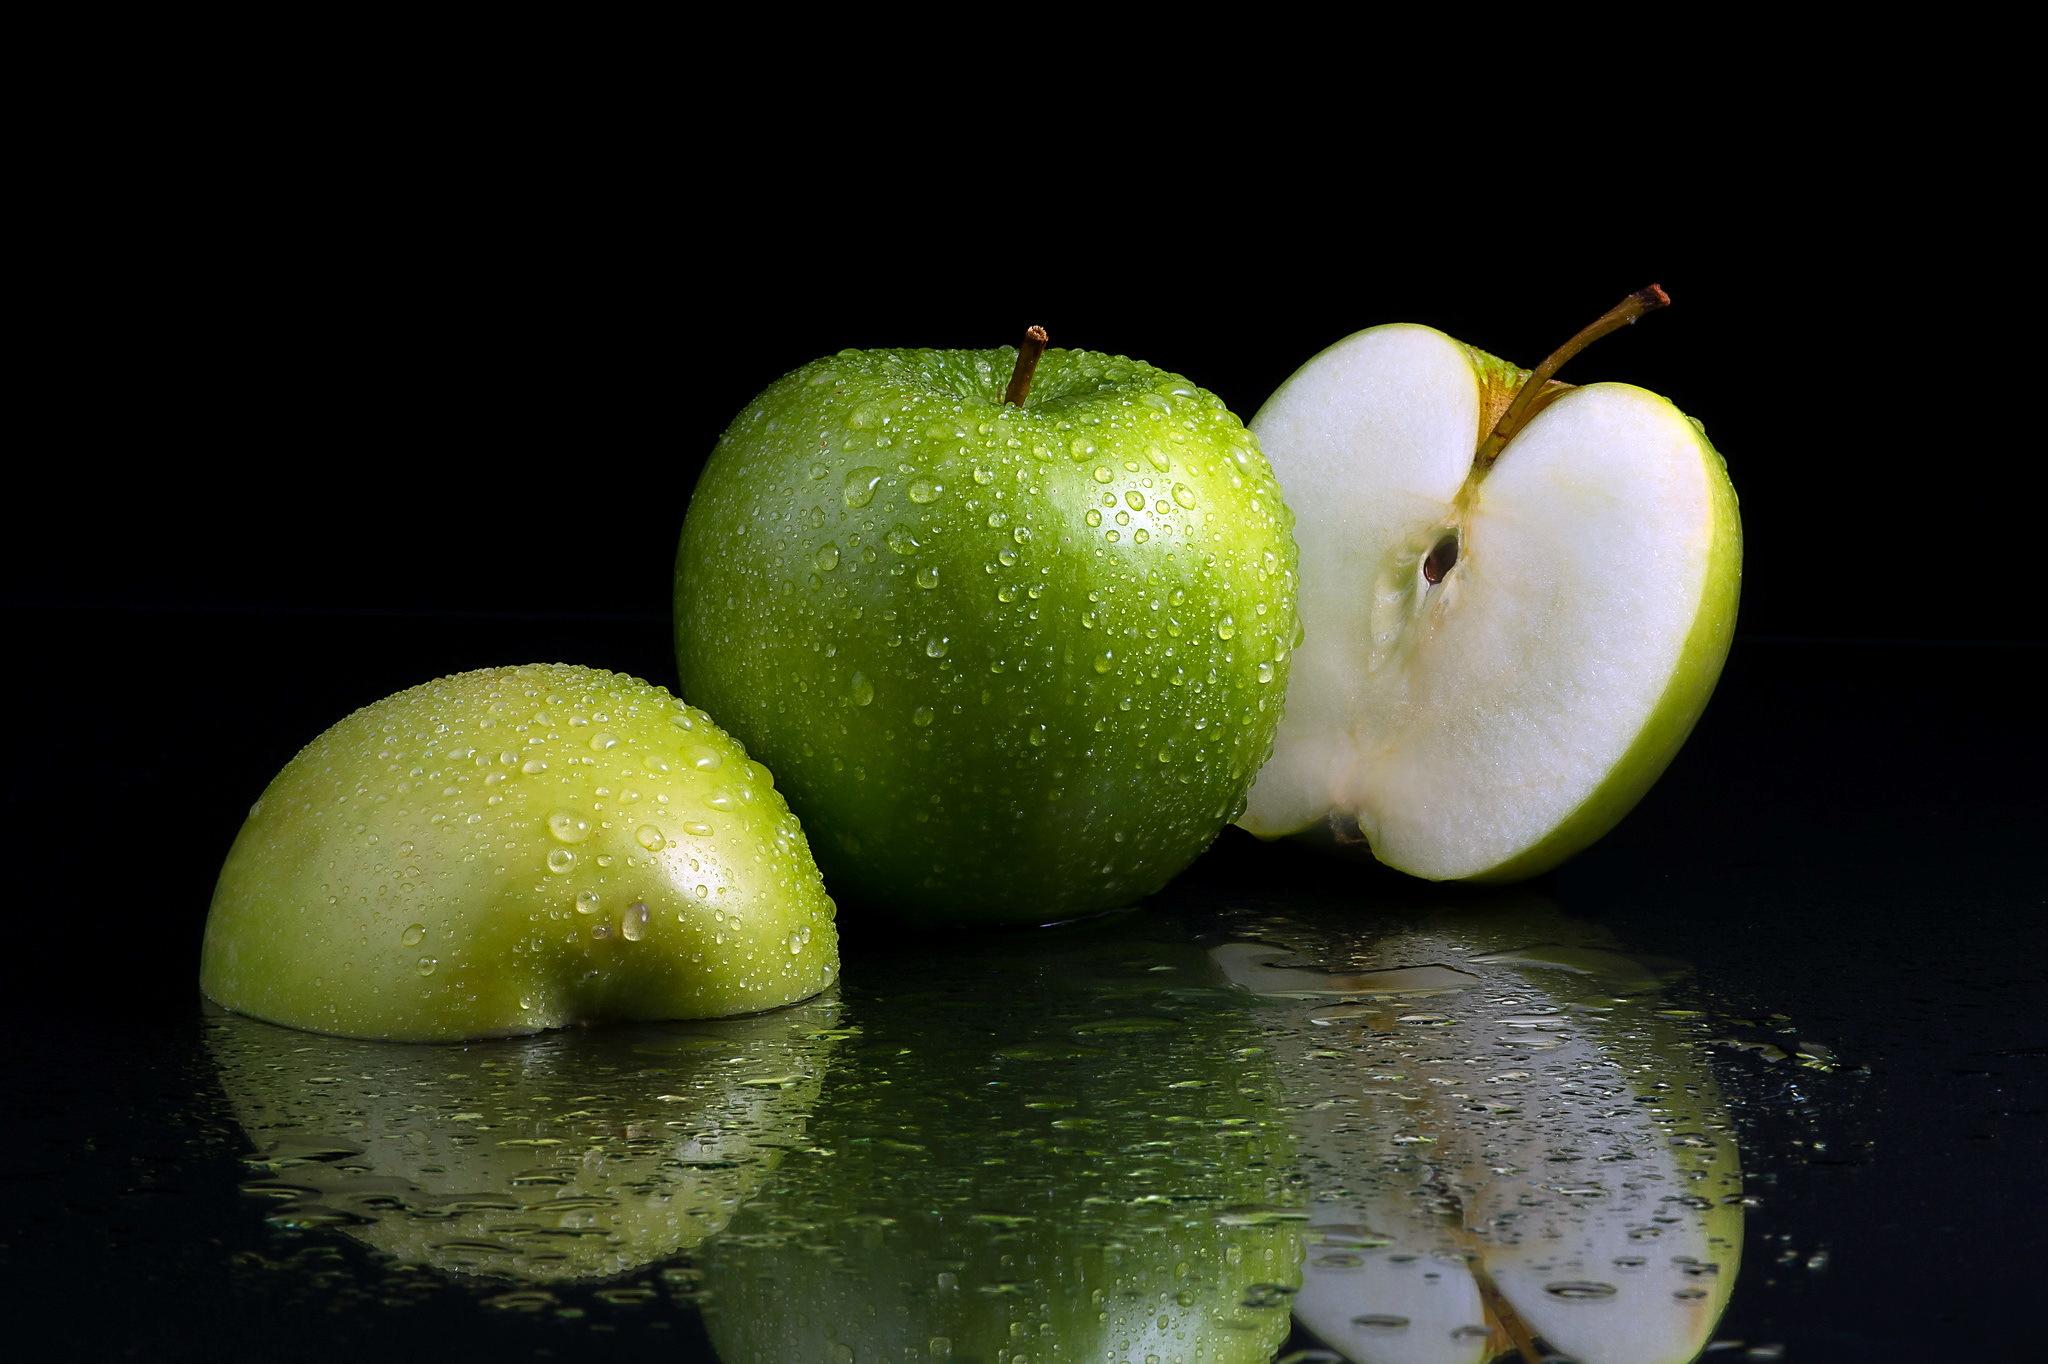 Зеленое яблоко картинка высокого качества